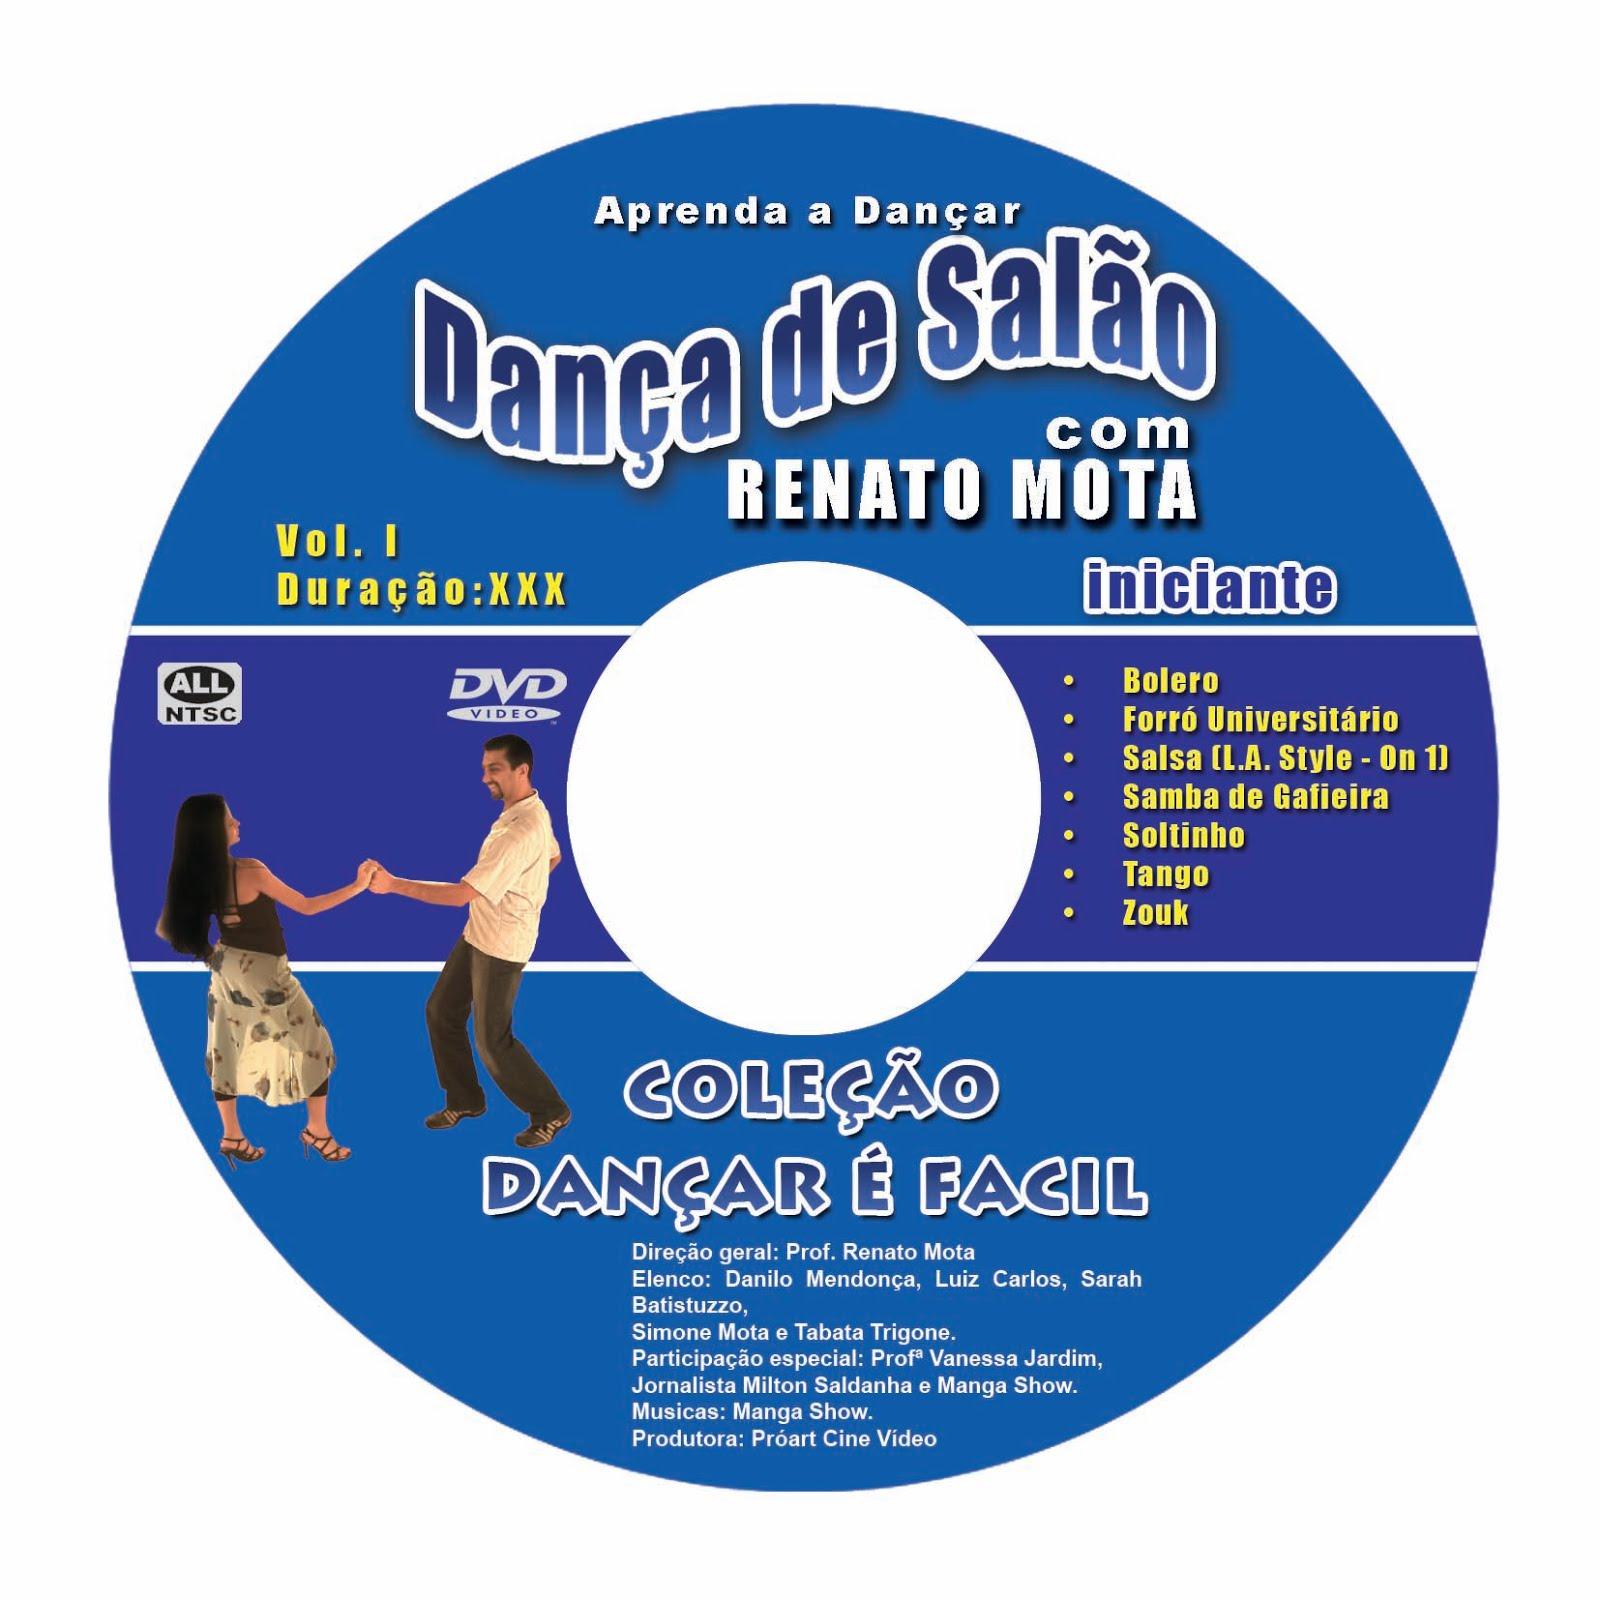 Coleção Dançar é Fácil aprenda com Renato Mota.